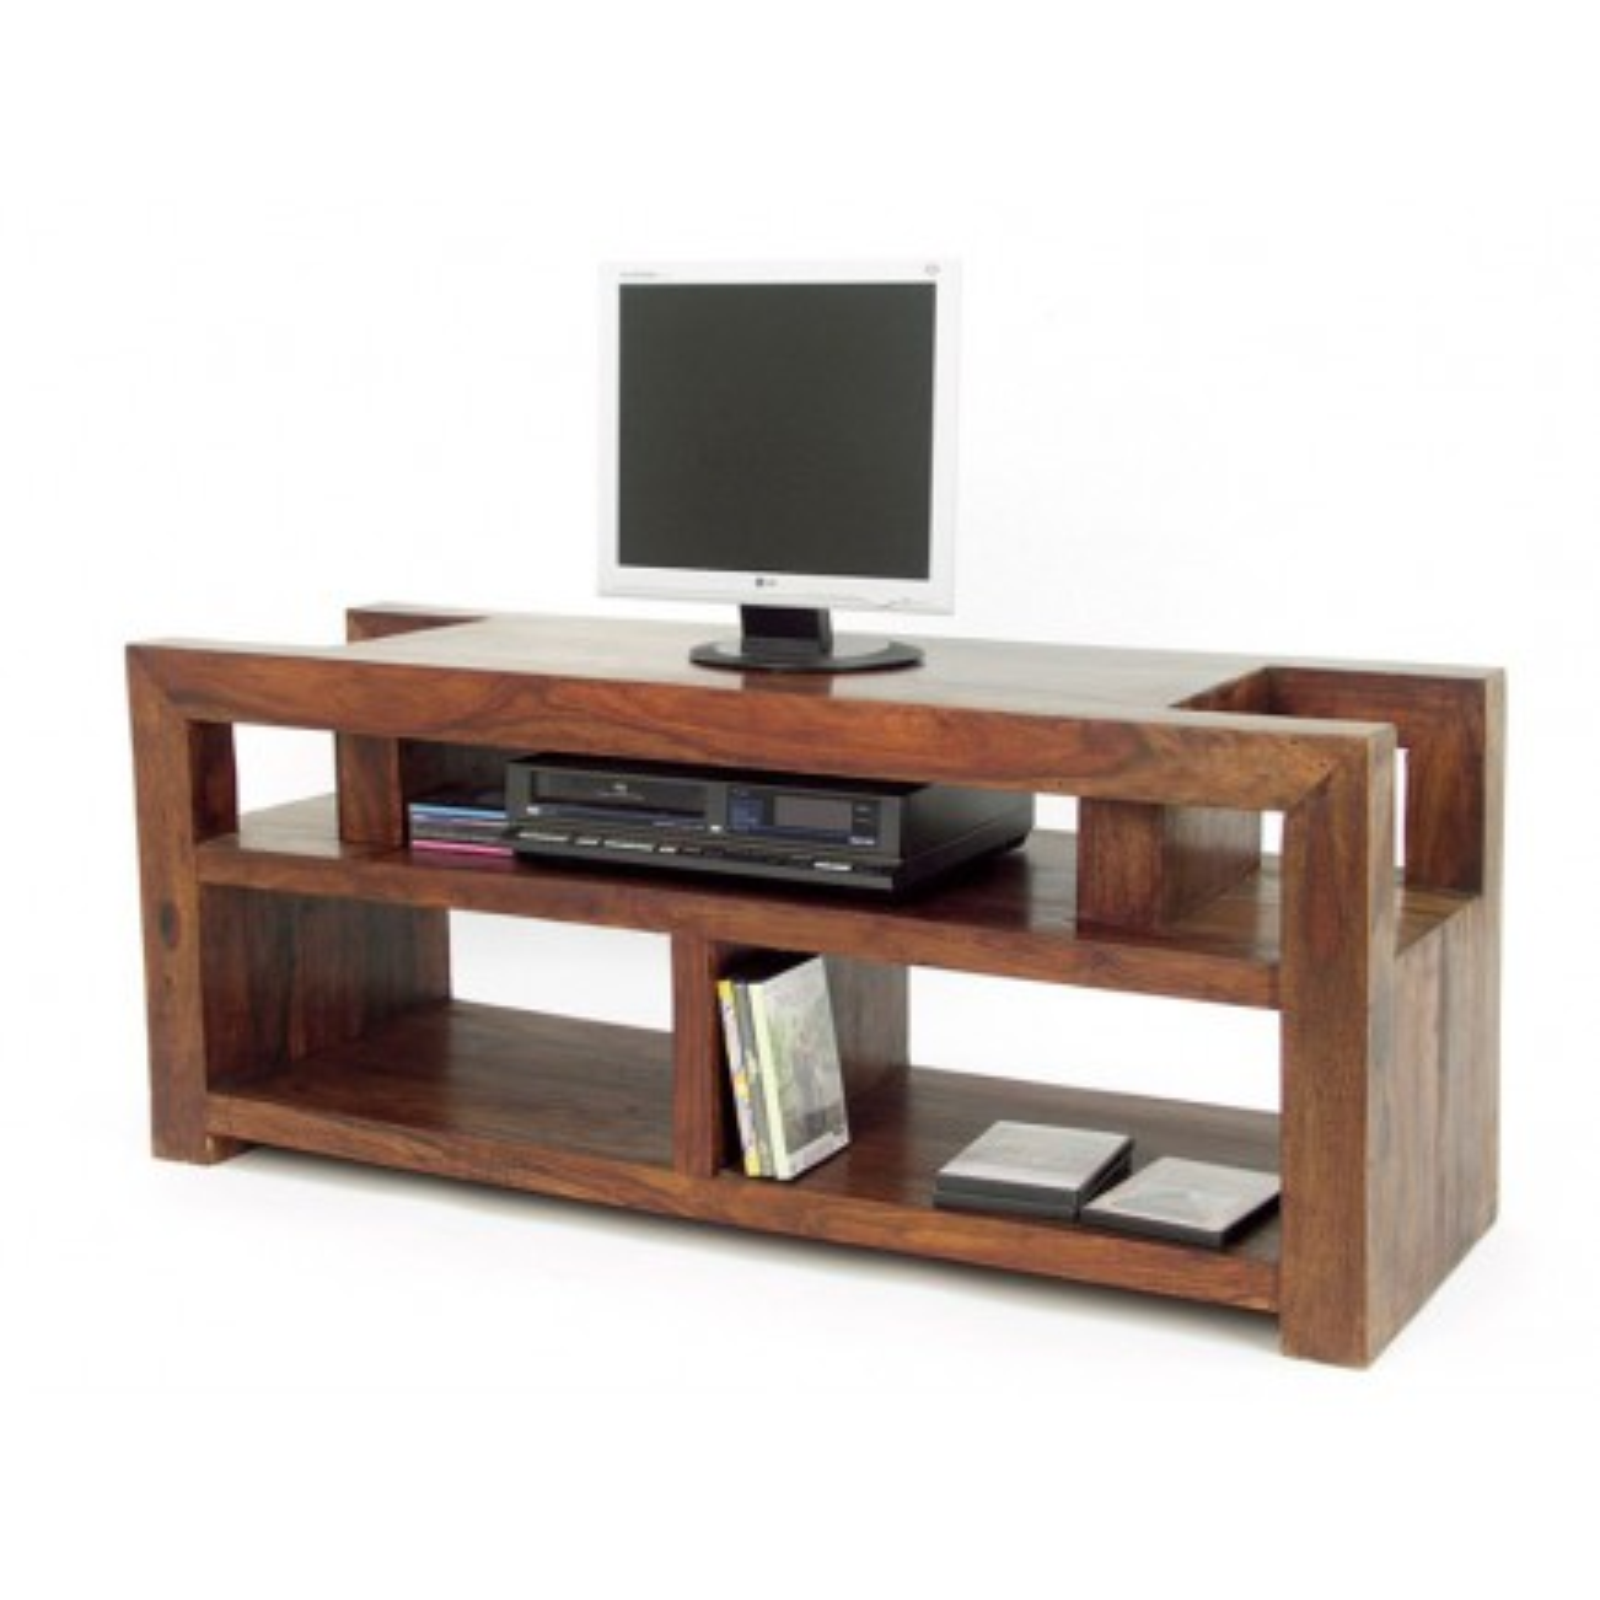 Meuble Tv Design Zen Palissandre - meubles bois exotique